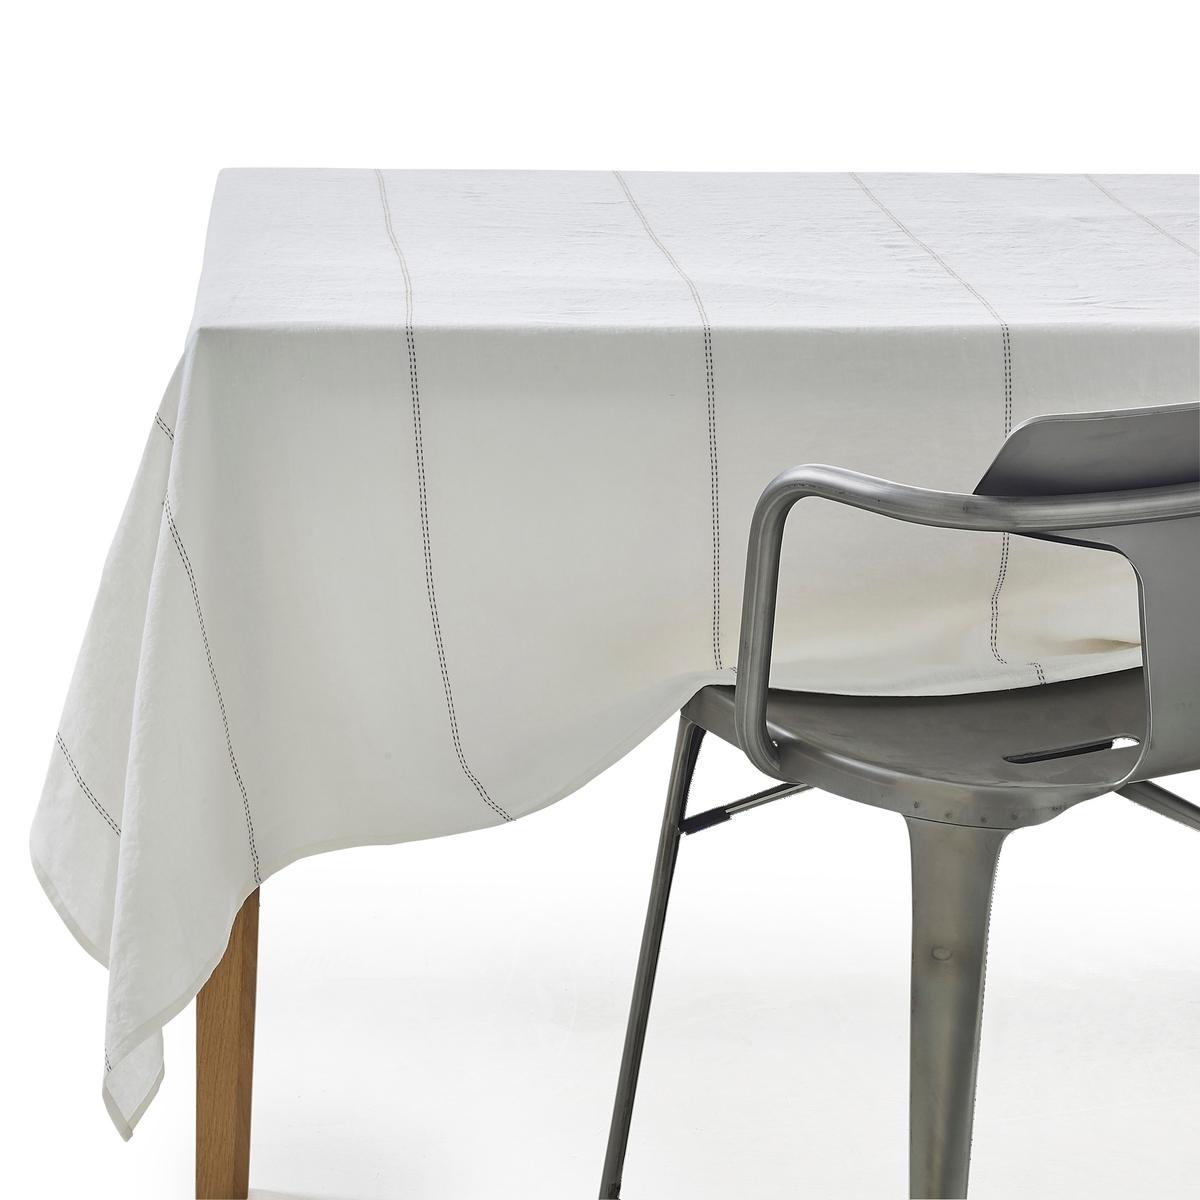 Скатерть 100% лен, SororalСкатерть Sororal. Элегантная и утонченная скатерть с красивым и простым рисунком в виде пунктирных линий. Произведенная во Франции из качественного сырья скатерть с тщательной отделкой добавит стиля вашему столу .Материал :- 100% лен- Подшитые края.- Машинная стирка при 40 °С - Произведено во ФранцииРазмеры : - 150 x 150 см- 150 x 200 см- 150 x 250 см<br><br>Цвет: оранжевый,серо-бежевый,черный